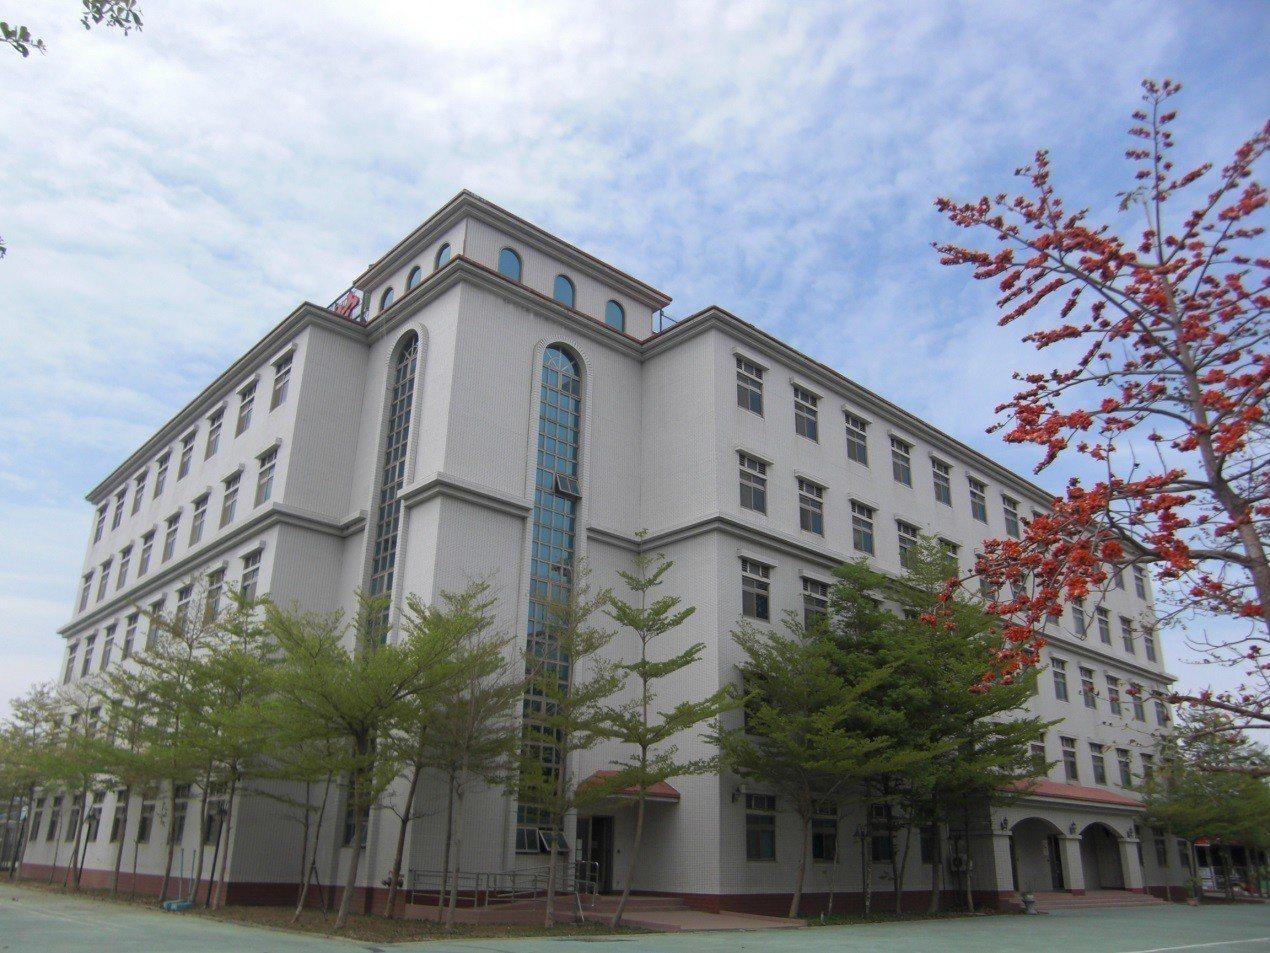 稻江管理學院將宿舍外觀打造成西班牙式建築。圖/取自稻江管理學院網站